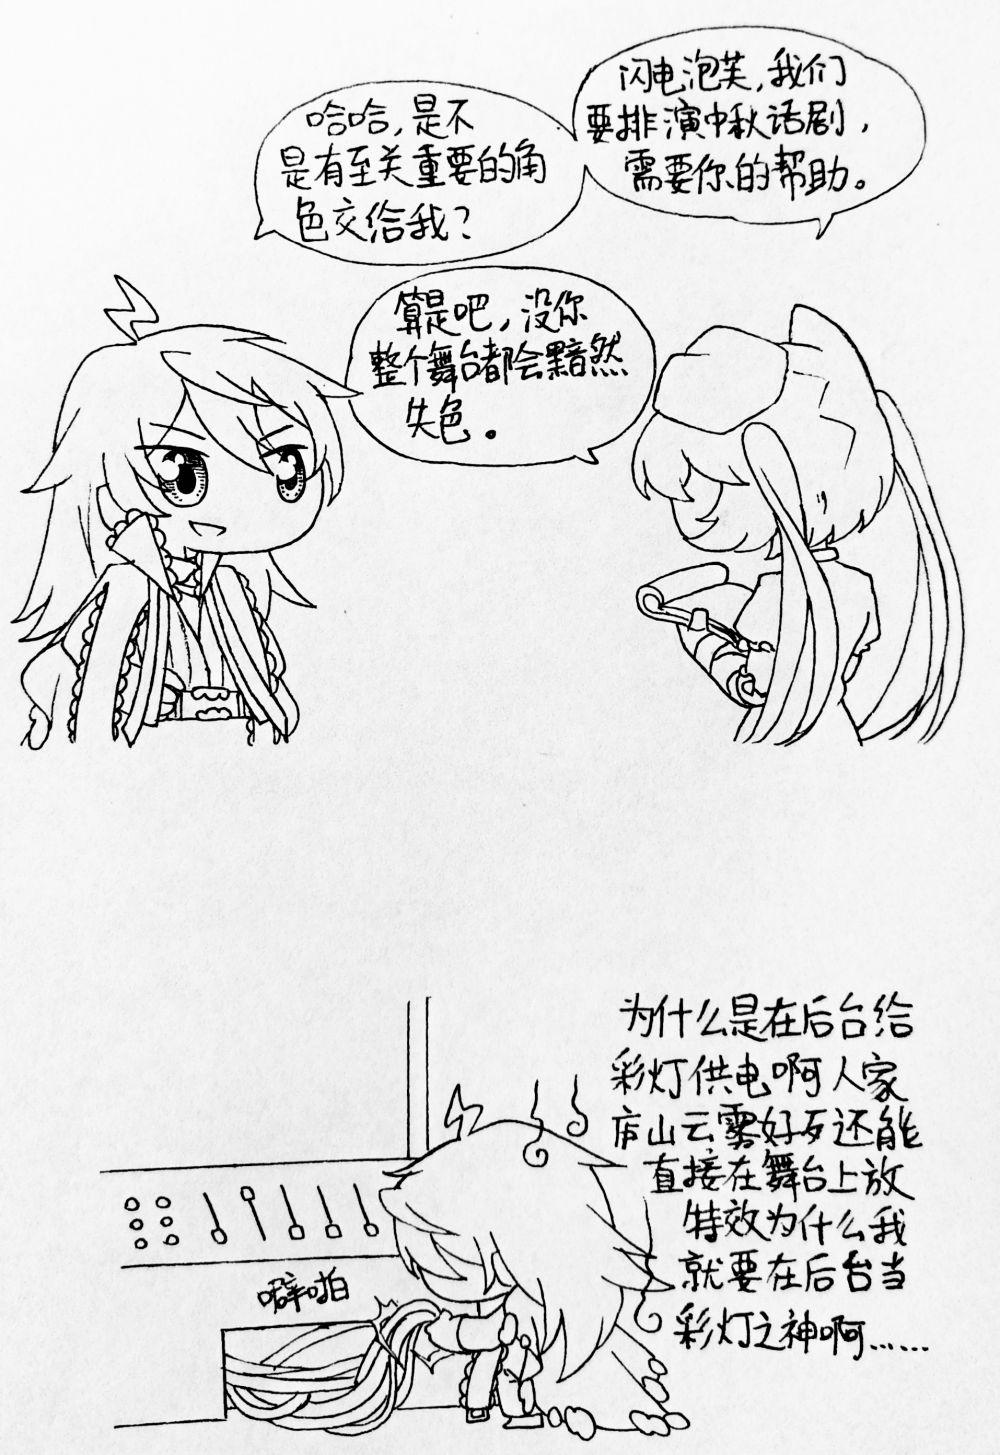 闪电泡芙 (2).jpg